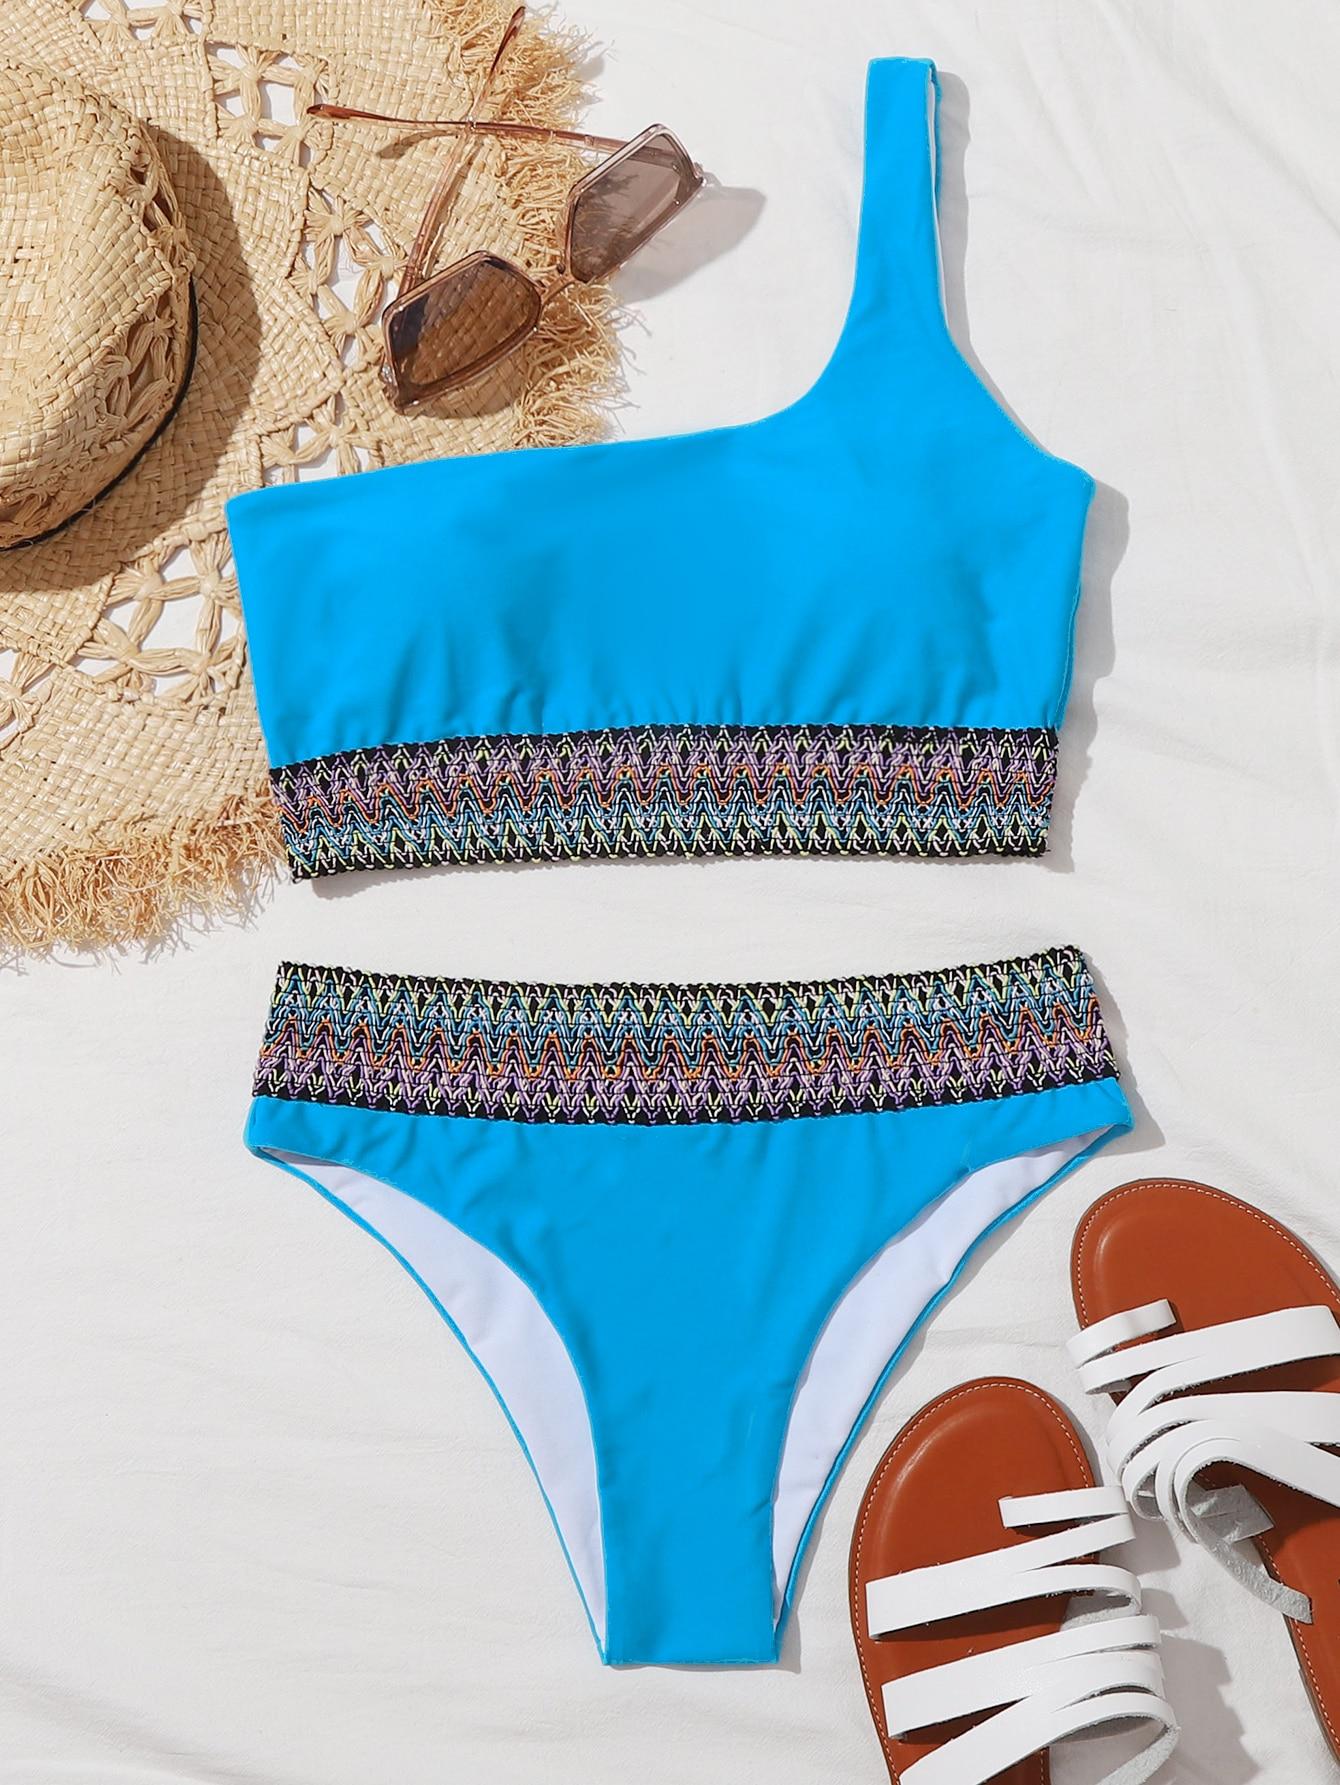 EUDOLAH Conjuntos de Bikini Casual para Mujer Chaleco El/ástico Parte Superior y Parte Inferior de Cintura Alta Traje de Ba/ño Tankini 2 Piezas Ropa de Playa